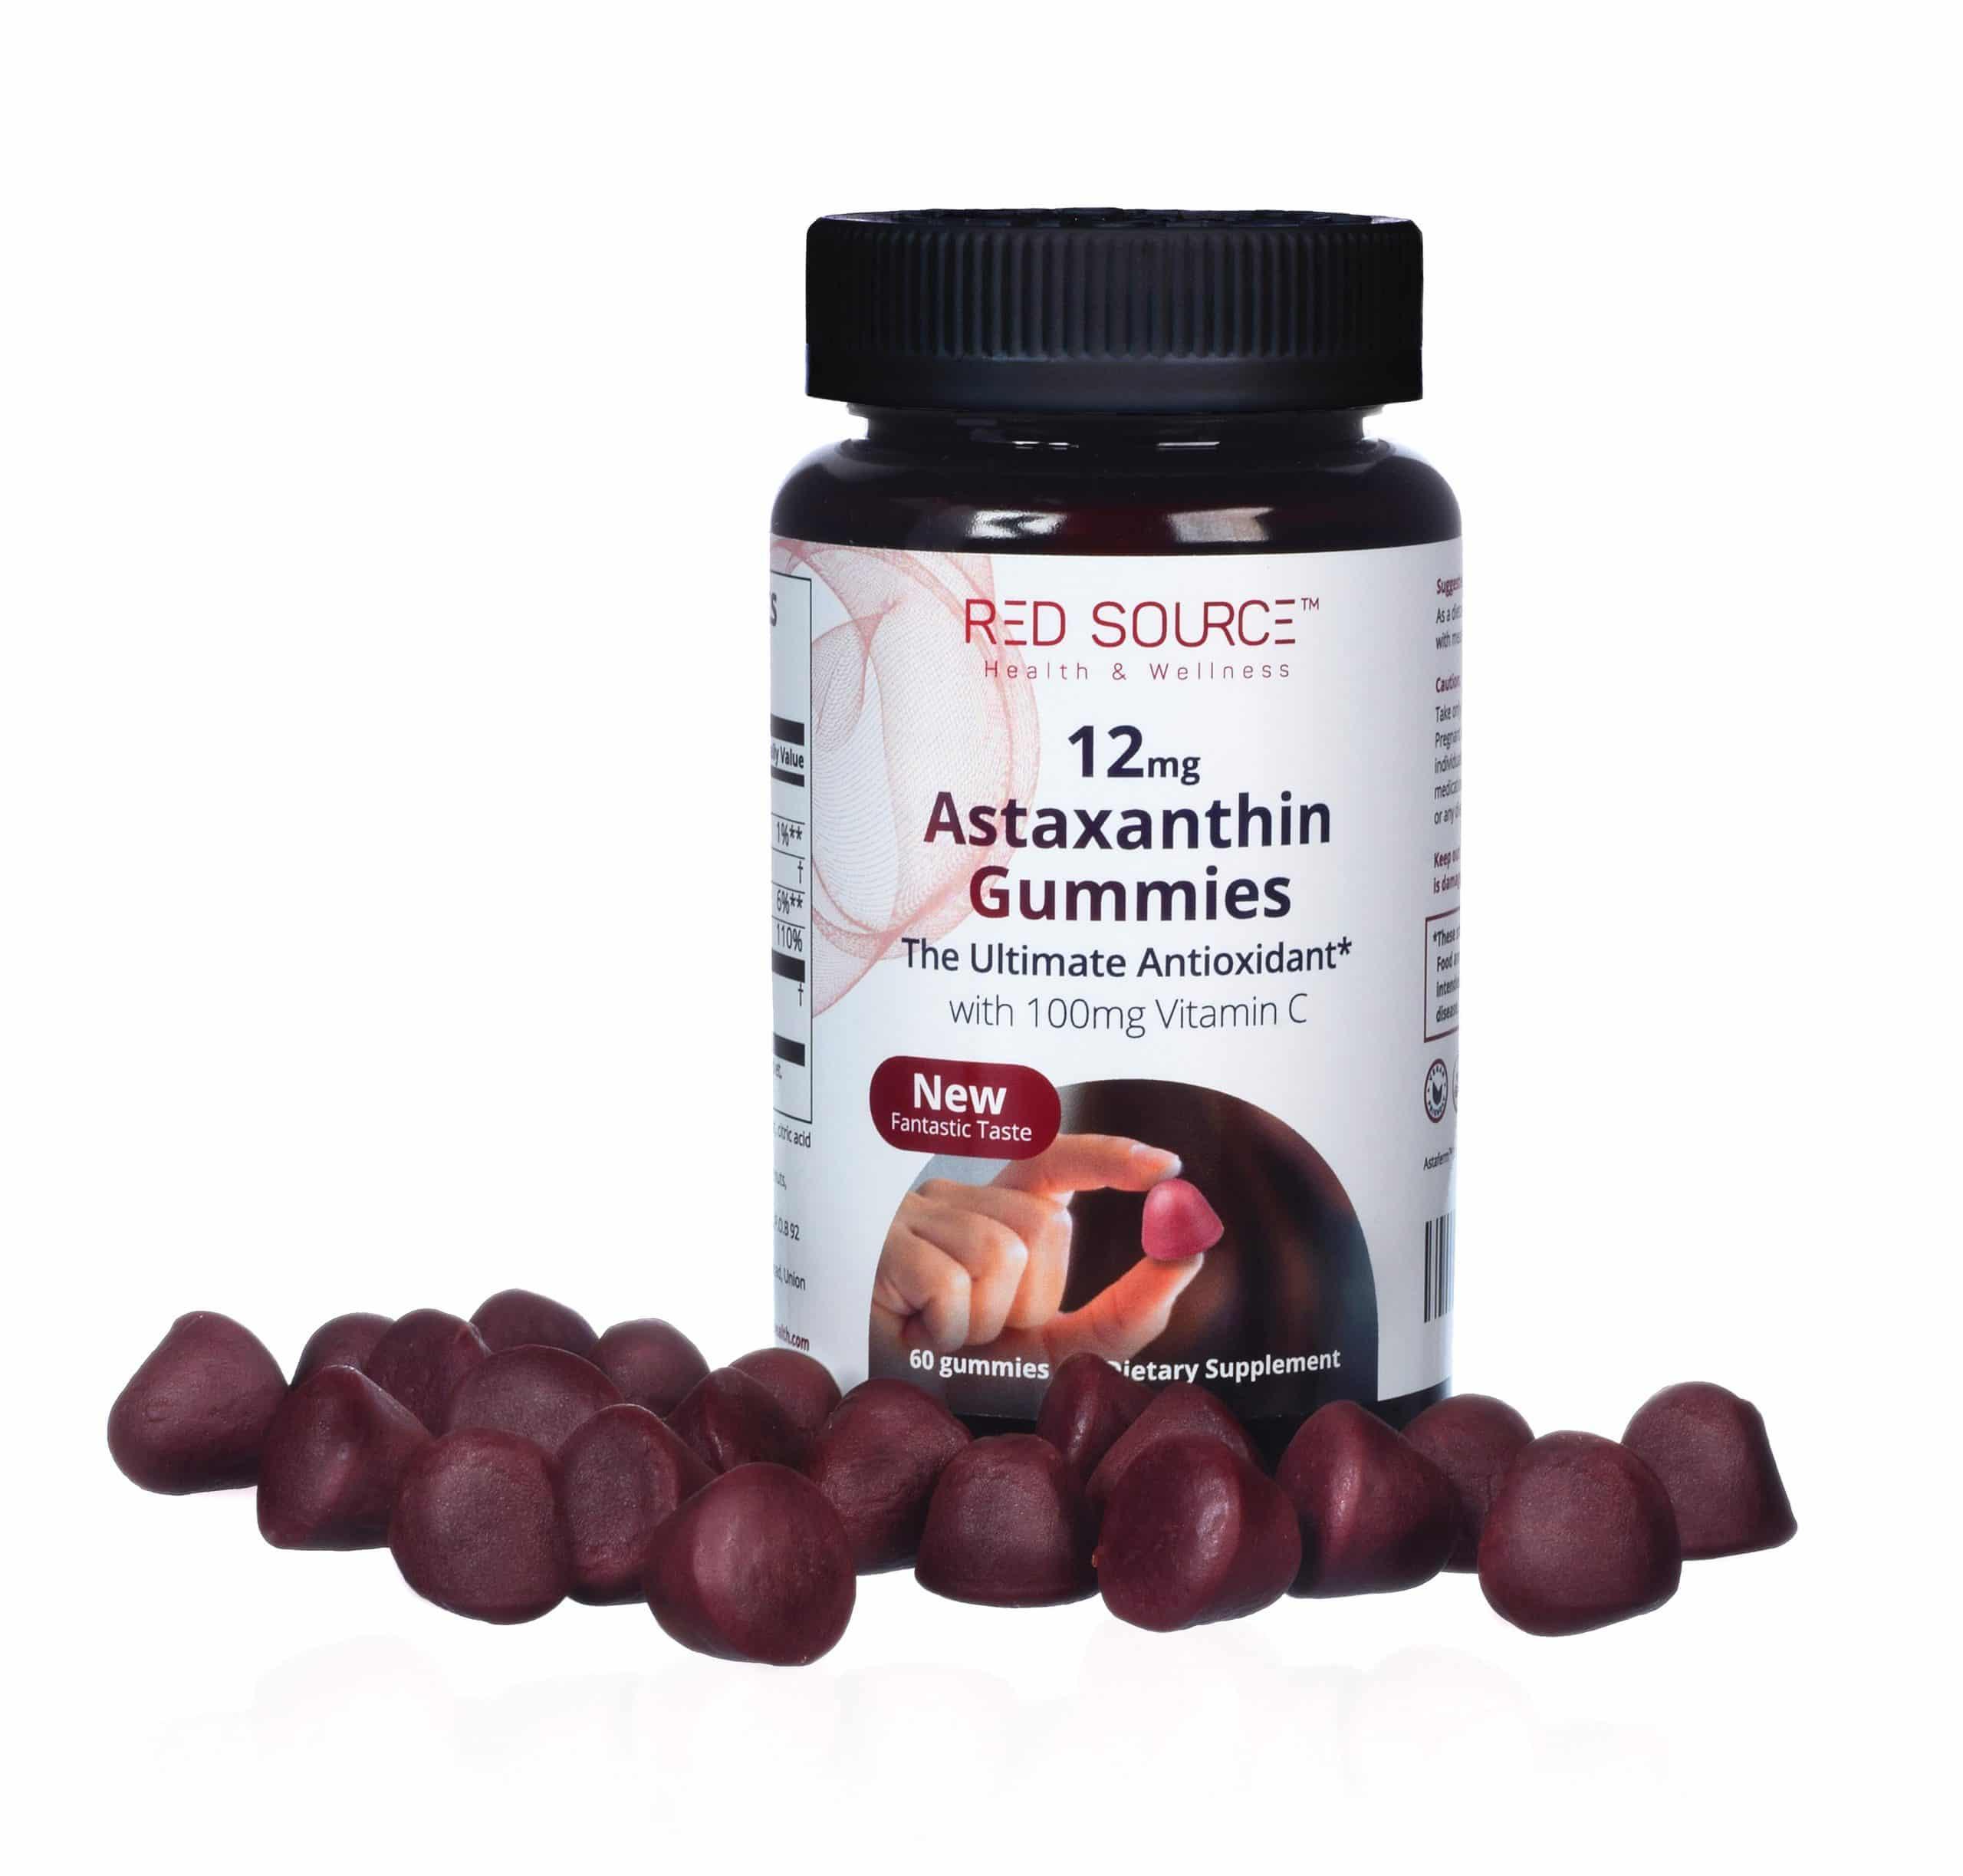 Astaxanthin Gummies